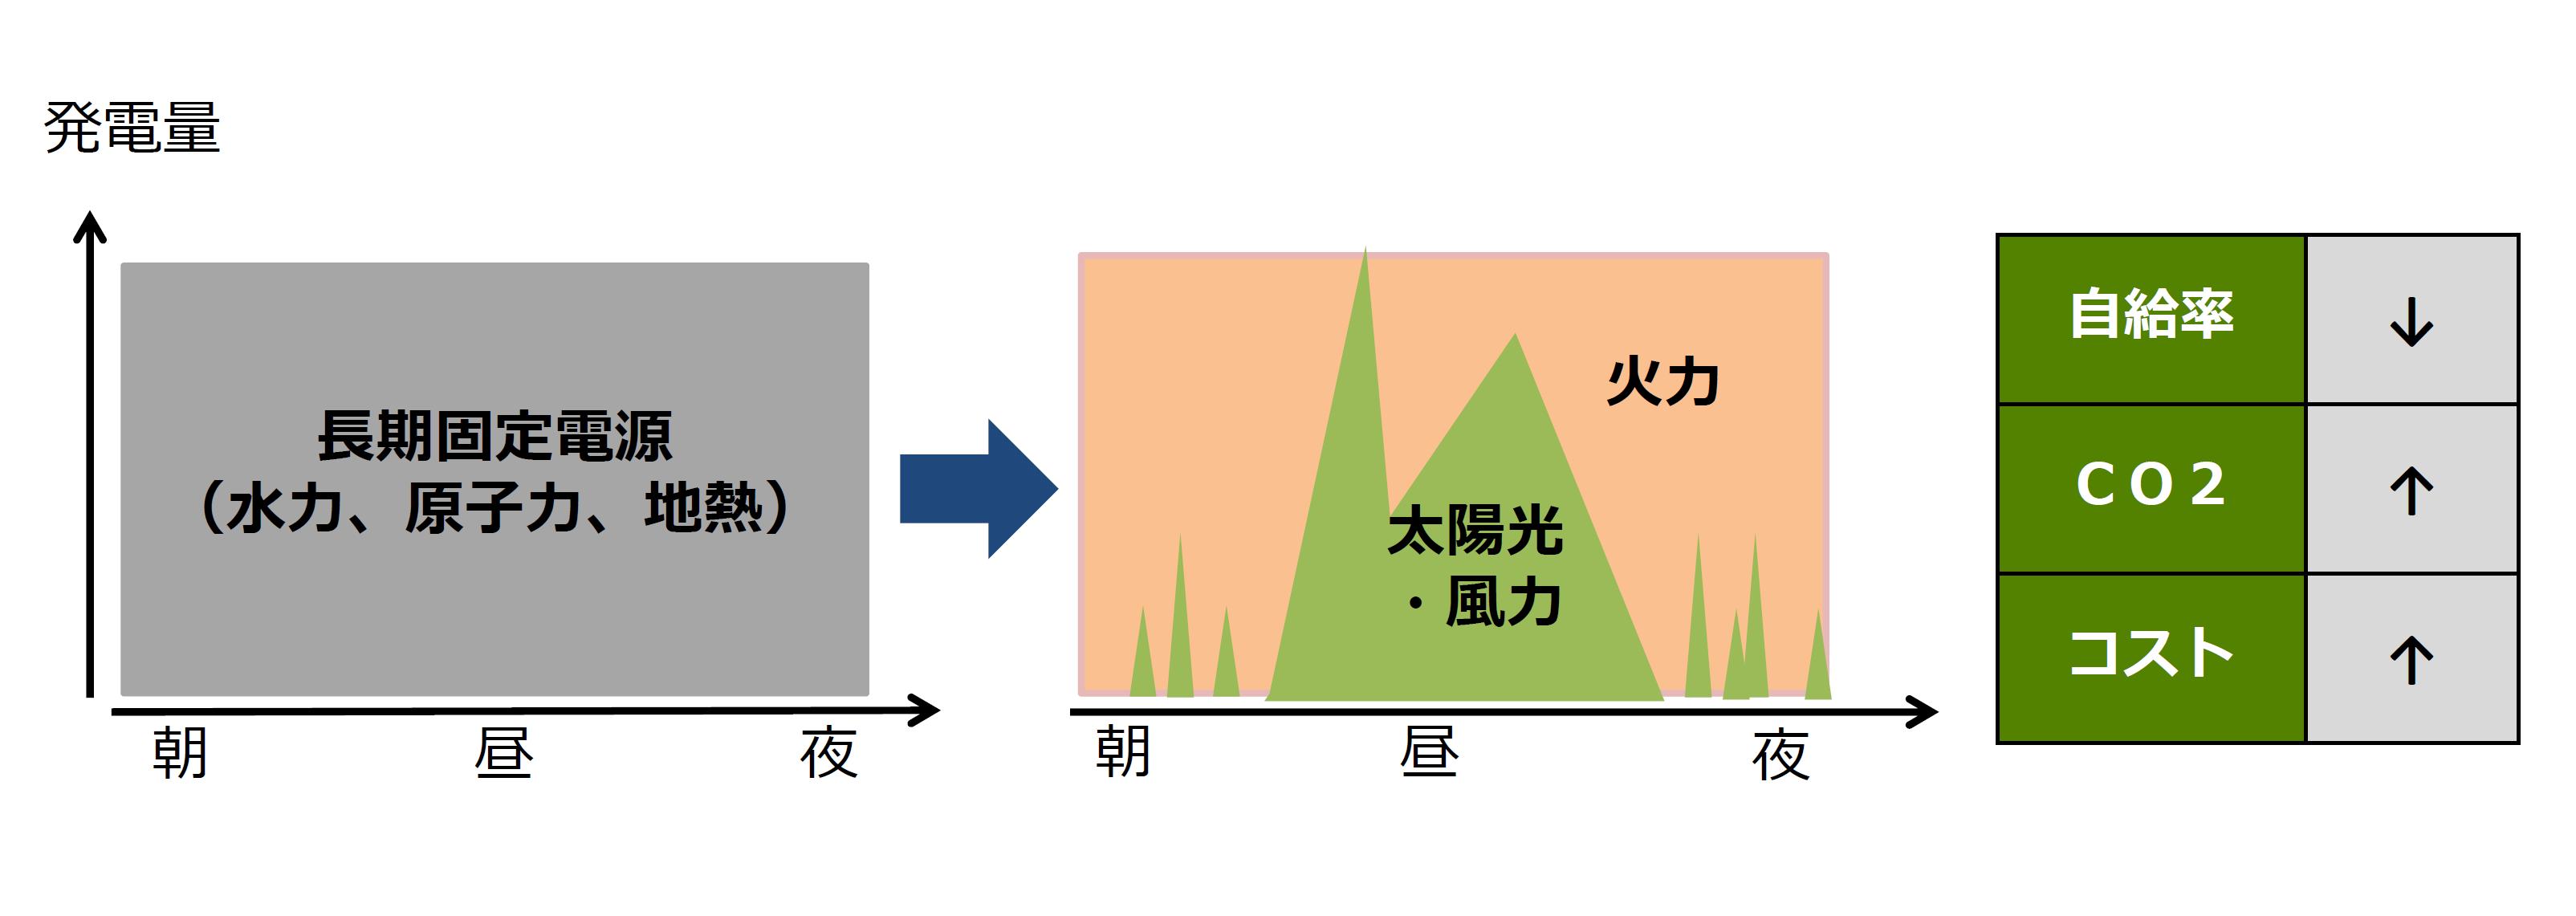 長期固定電源を再エネに変えた場合に起こる変化を示した図です。